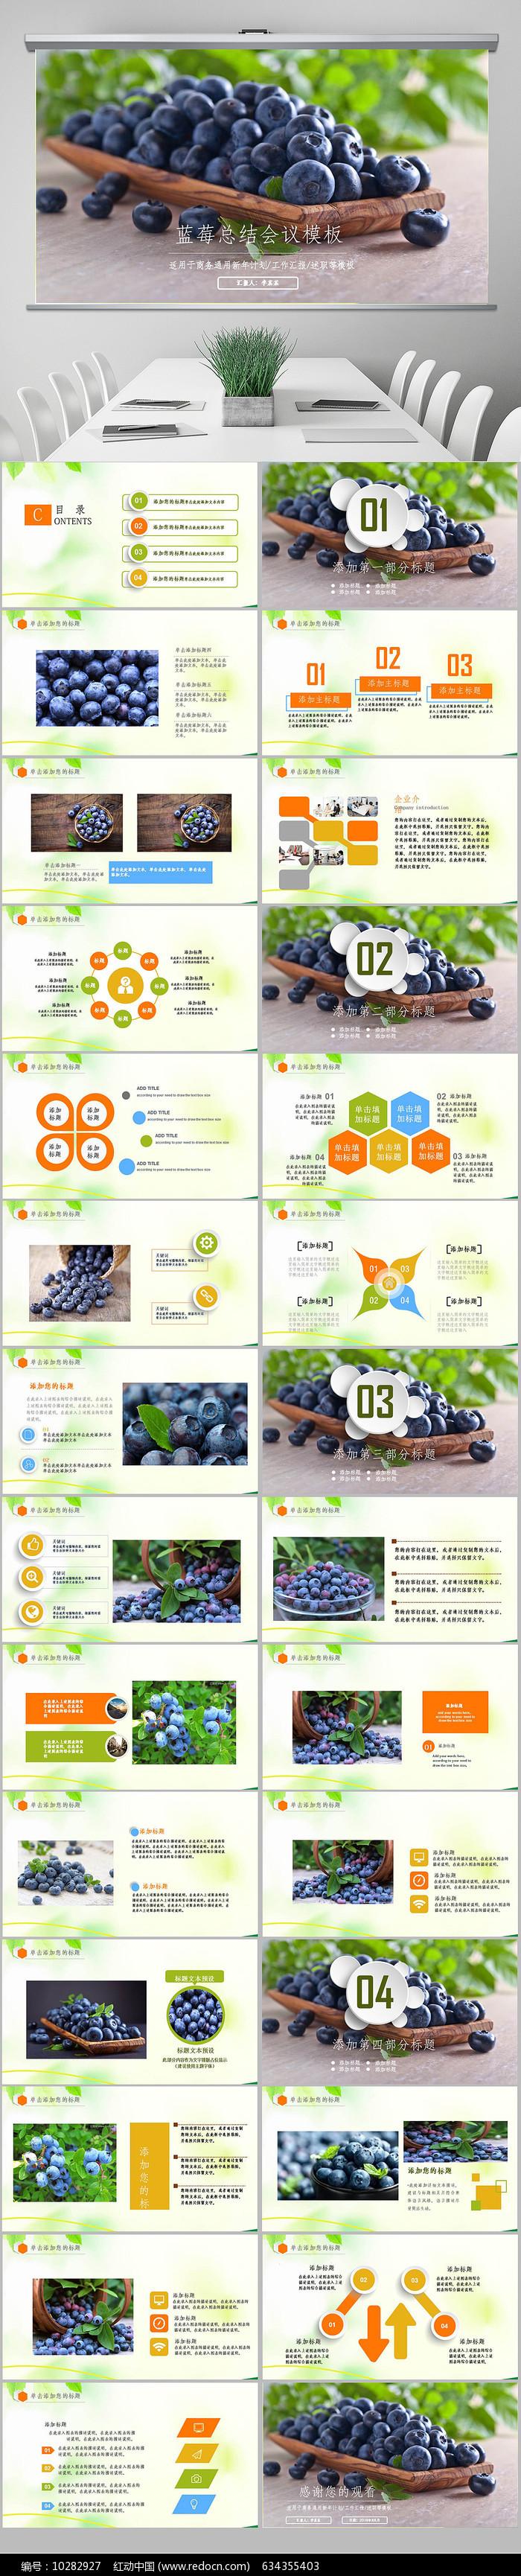 精美蓝莓种植销售动态ppt模板